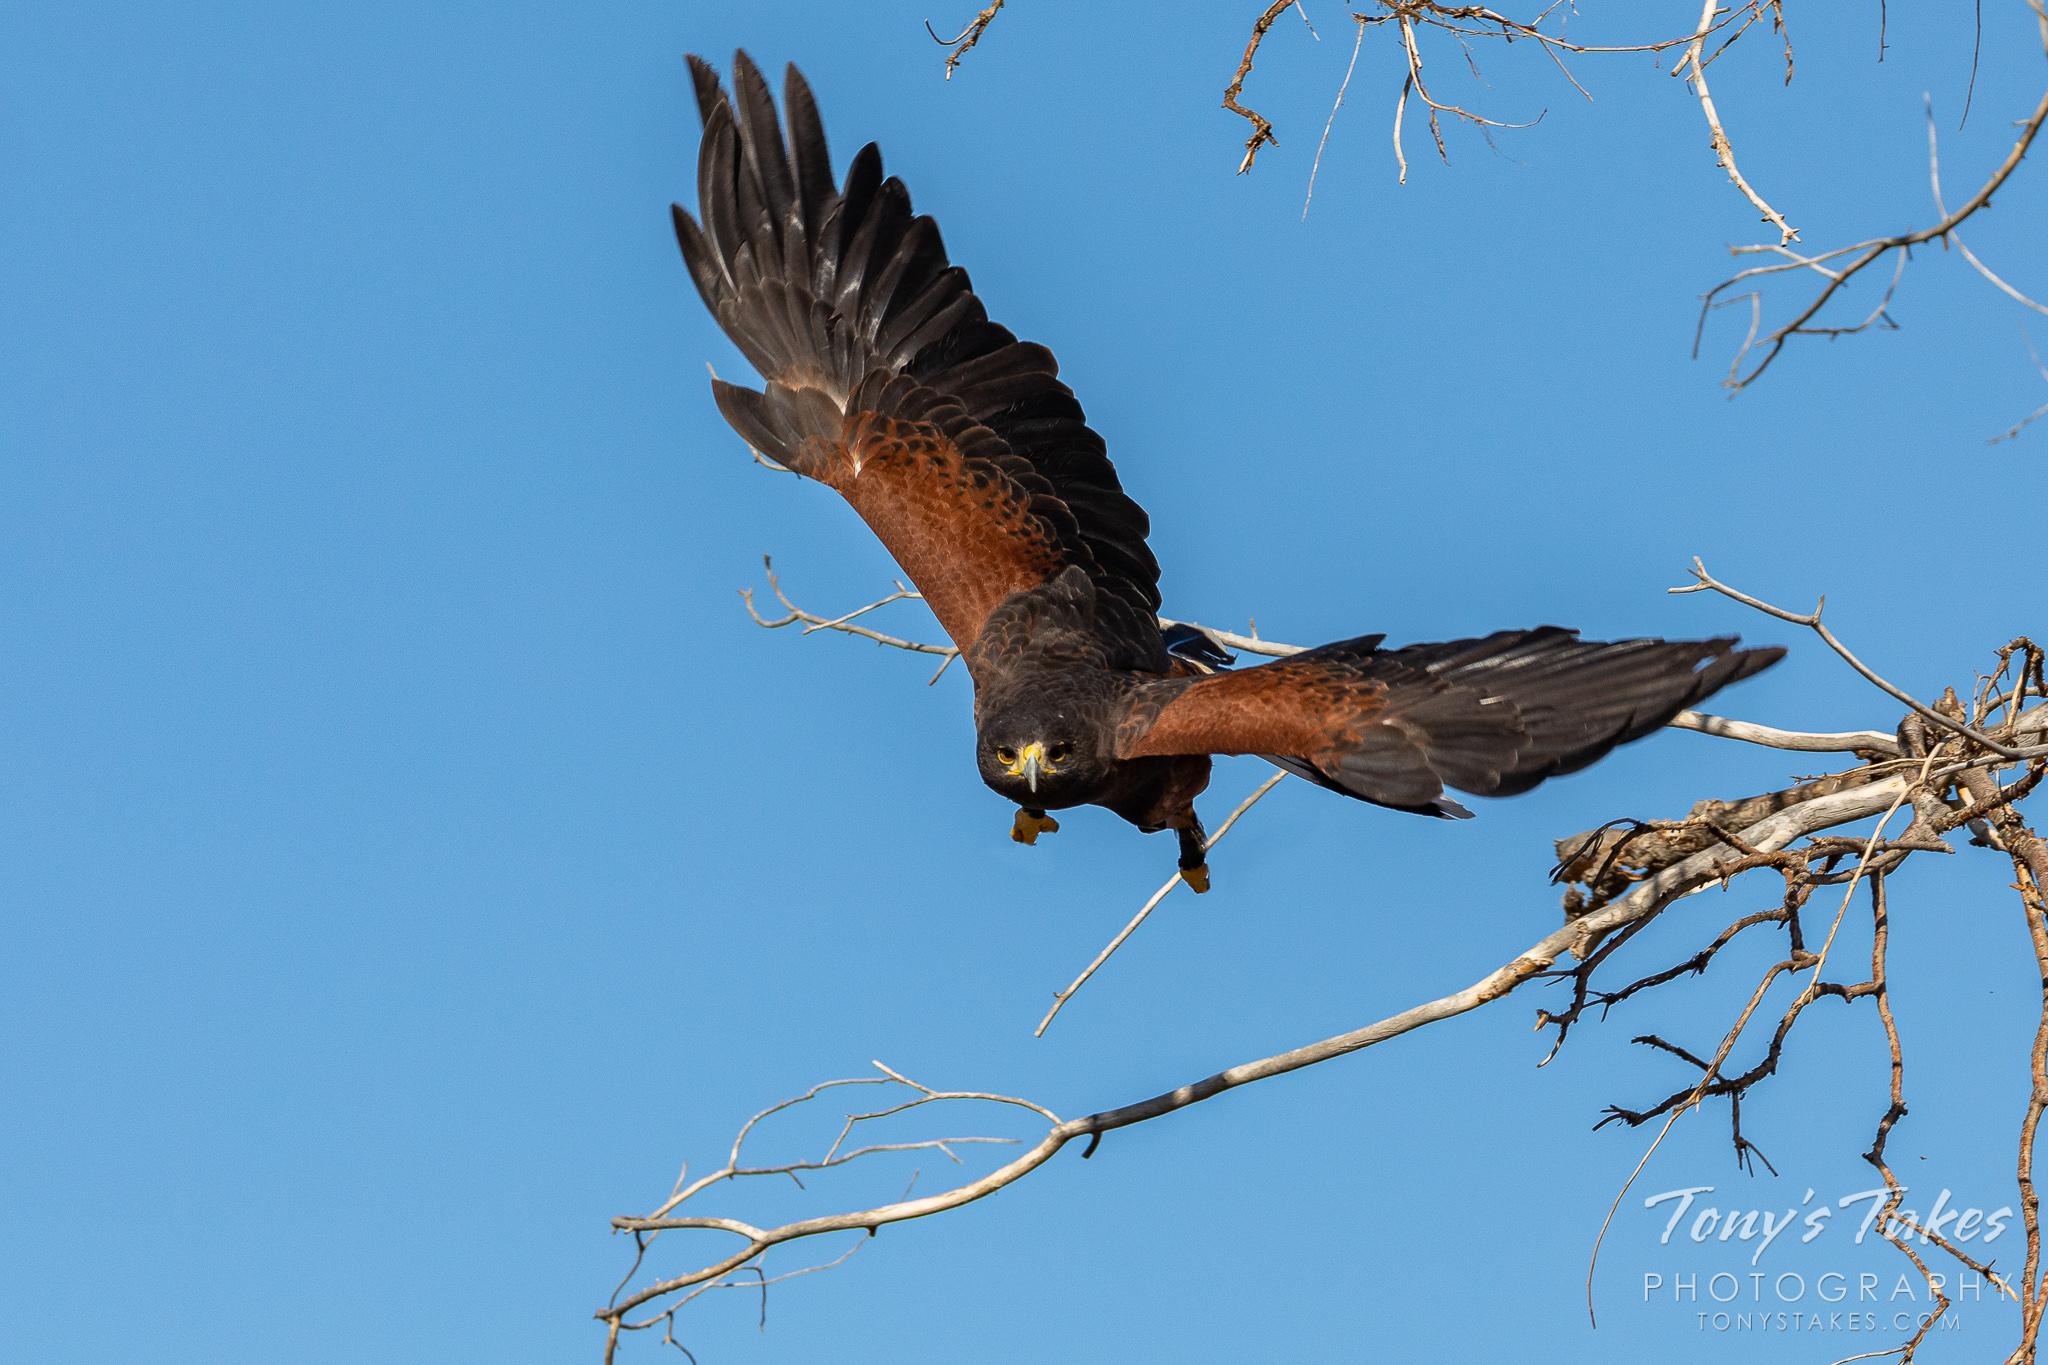 Harris's hawk makes an aggressive launch